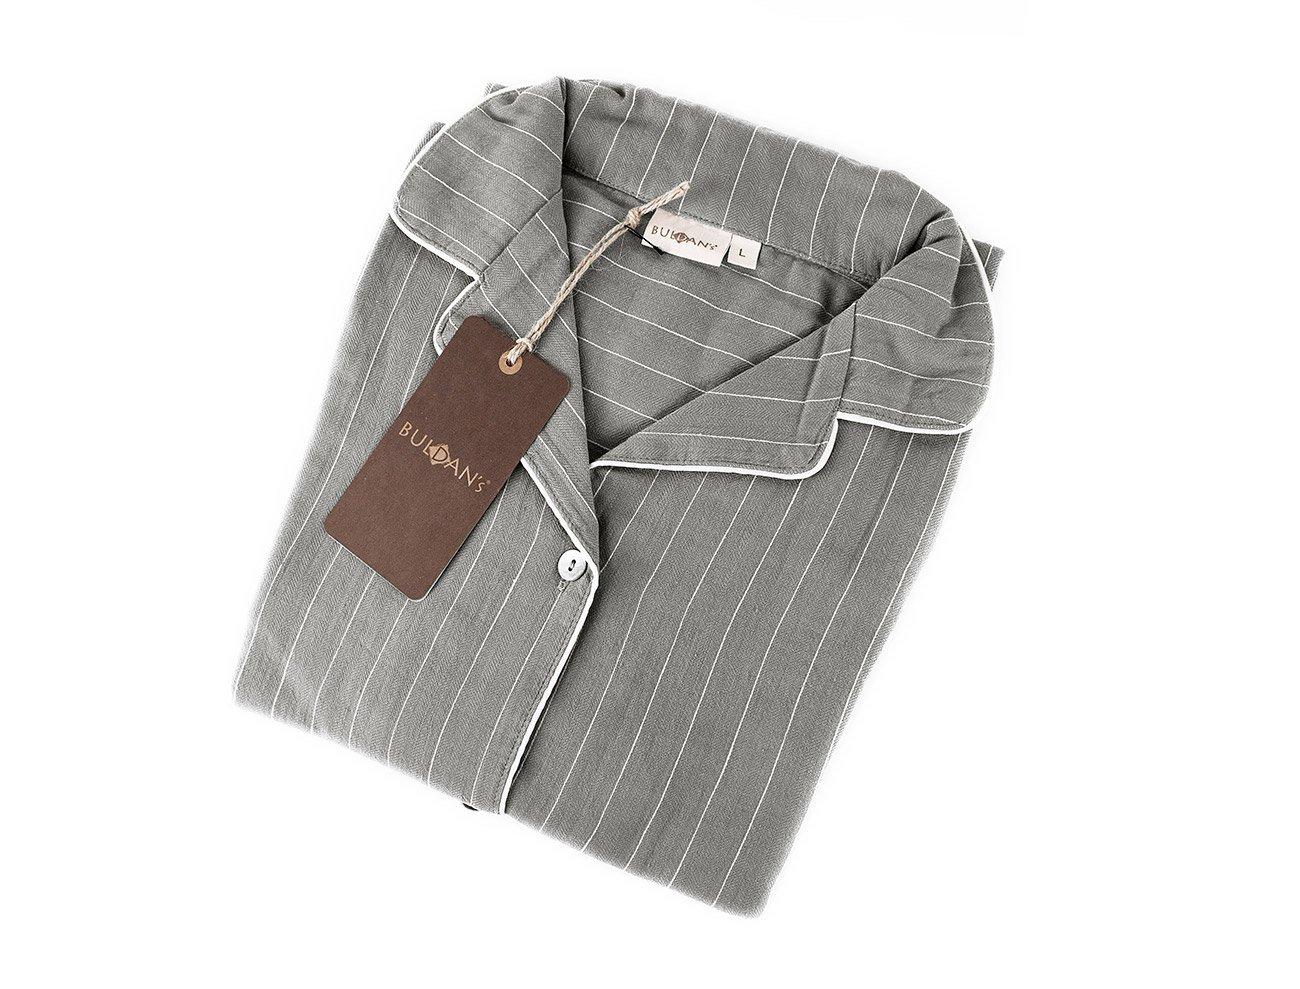 Женская пижамная рубашка Arya Buldan: купить по лучшей цене с доставкой по России